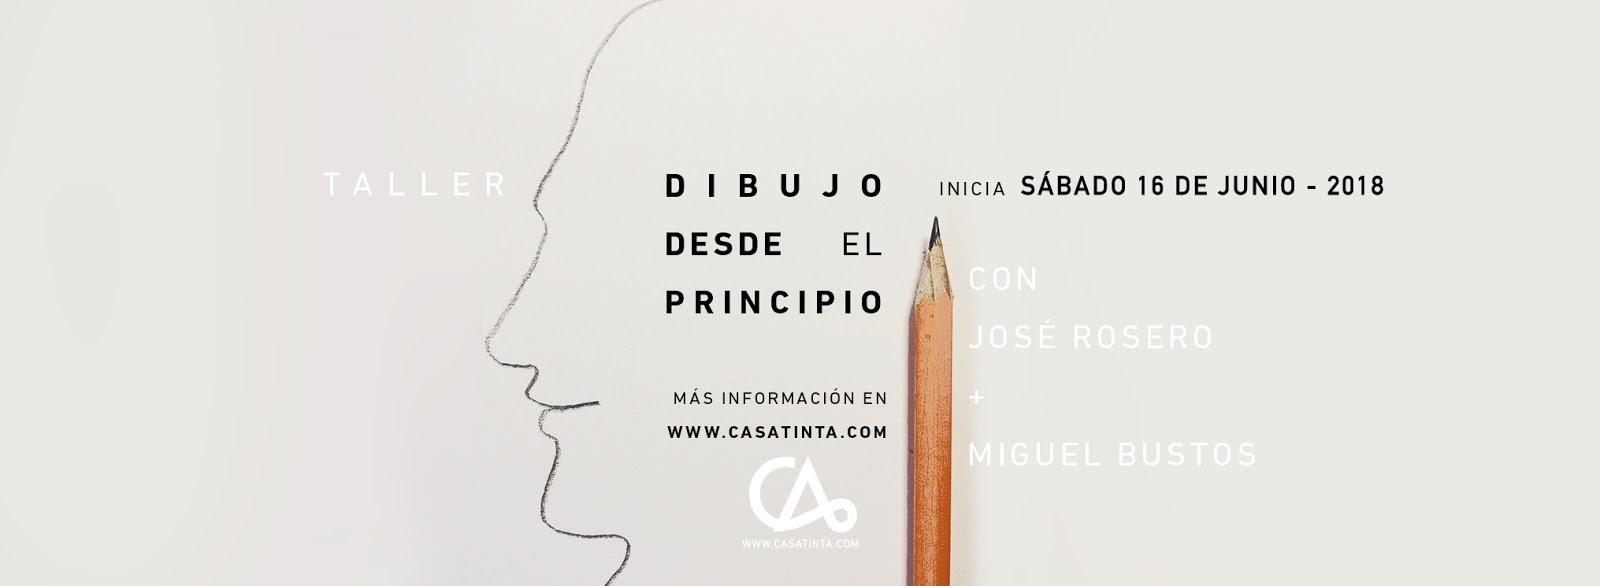 DIBUJO DESDE EL PRINCIPIO // 16 de junio